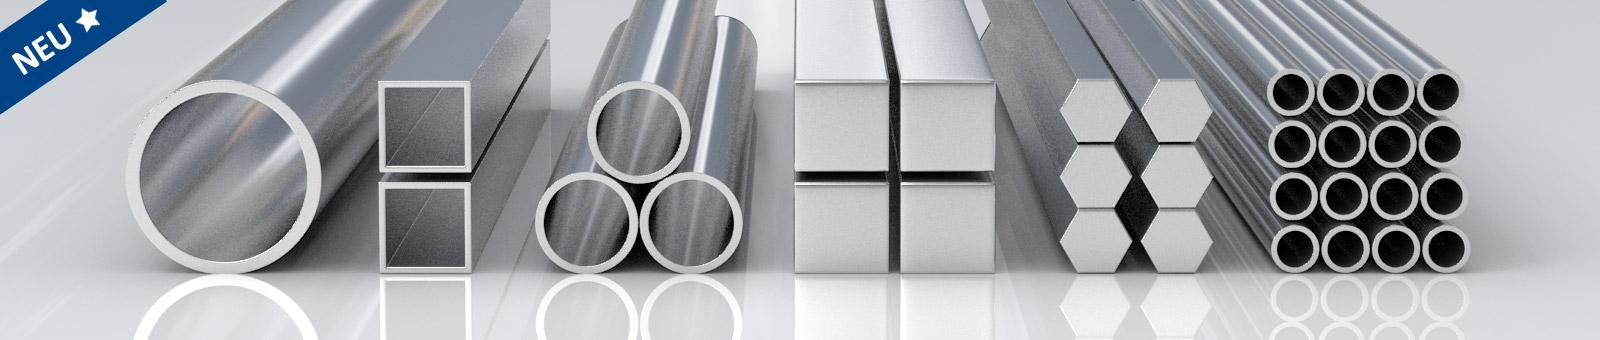 edelstahlprofile onlineshop metallteile verbinden. Black Bedroom Furniture Sets. Home Design Ideas